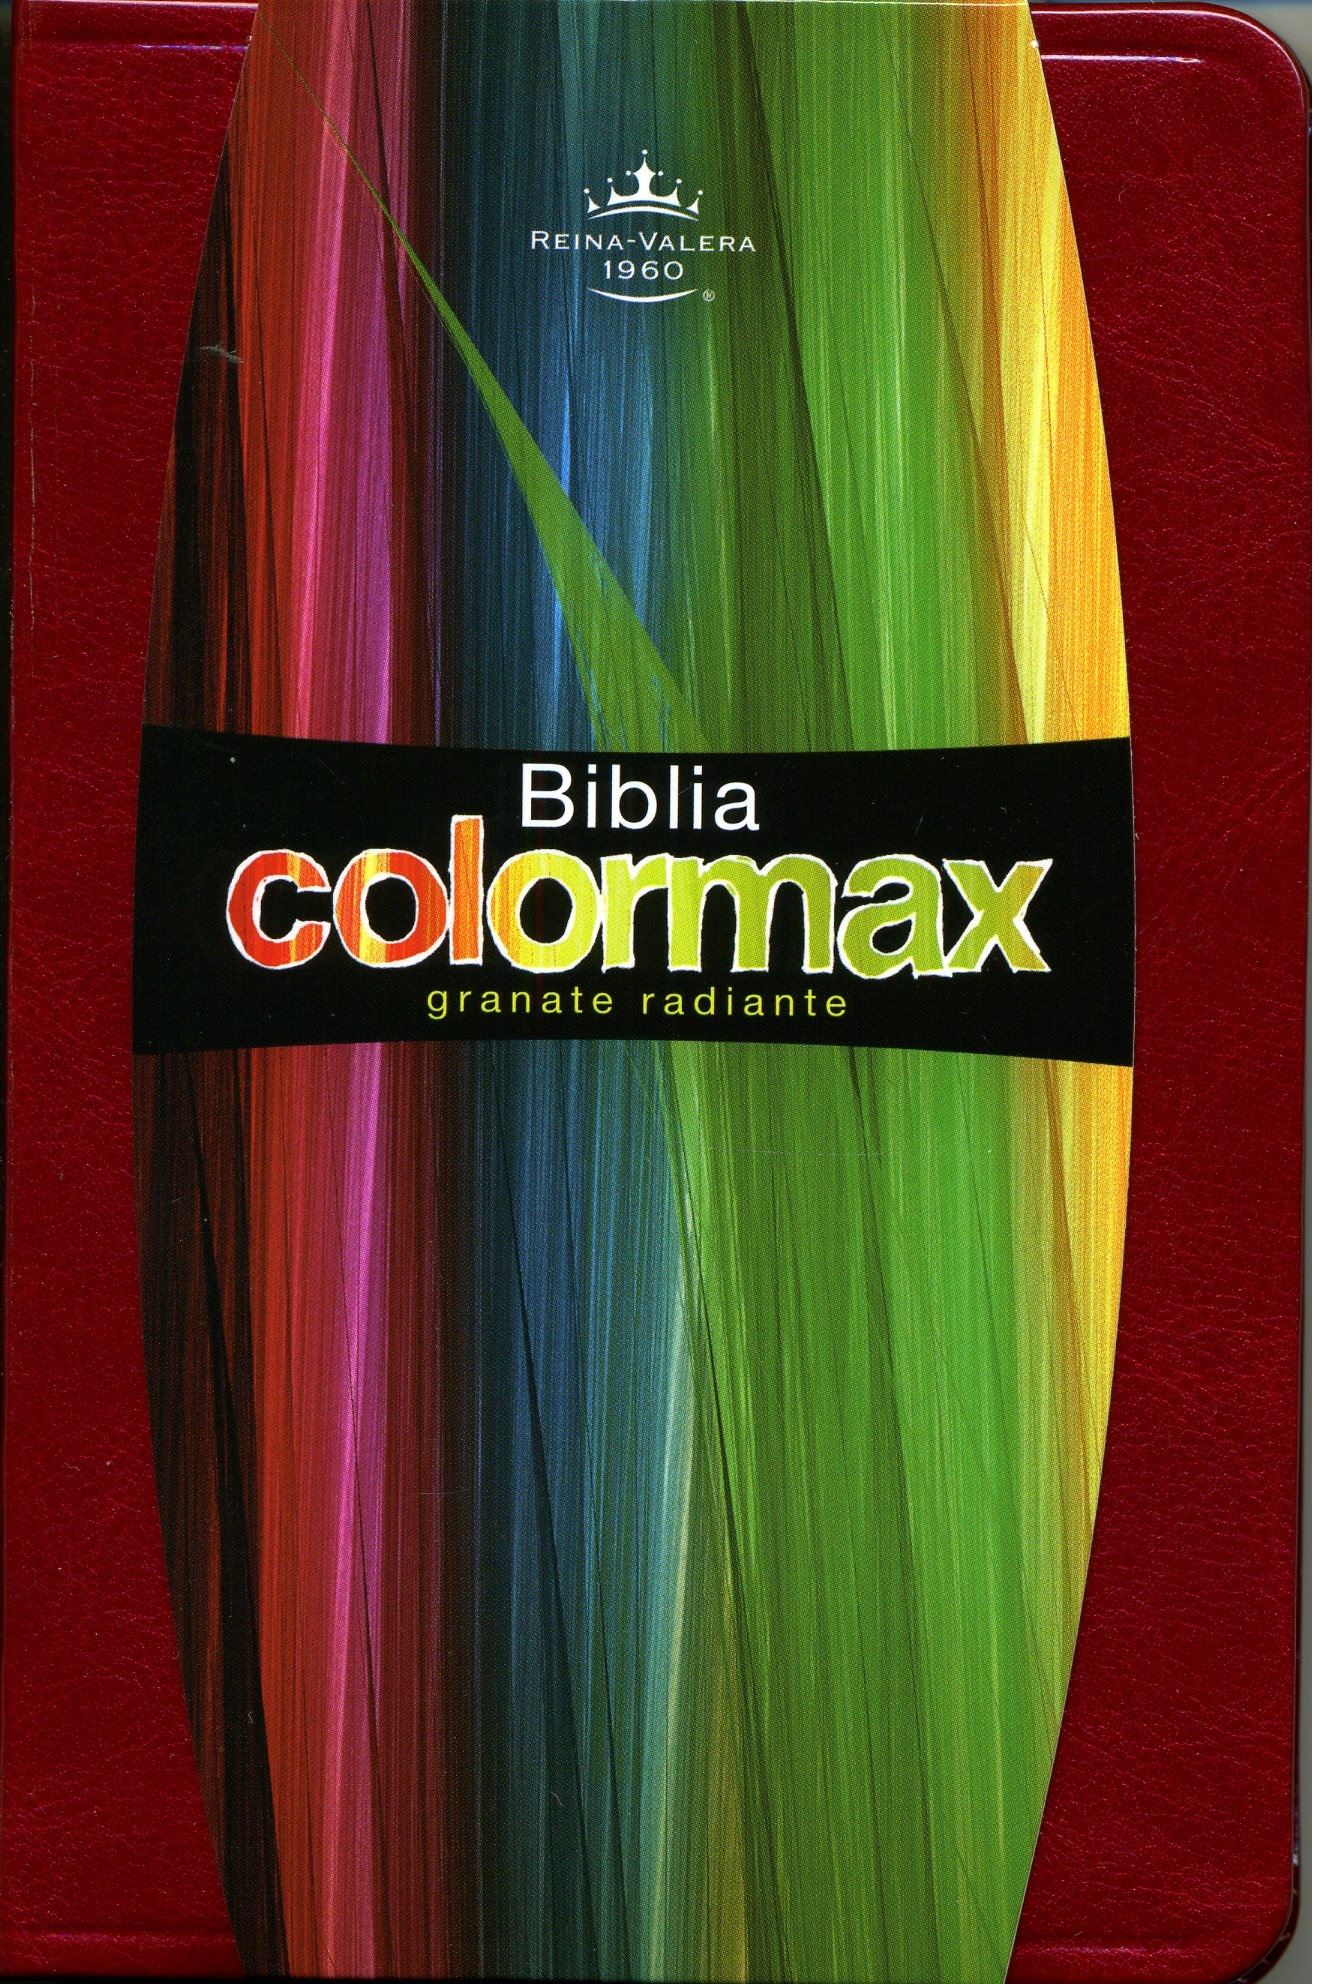 Biblia Colormax Granate Radiante